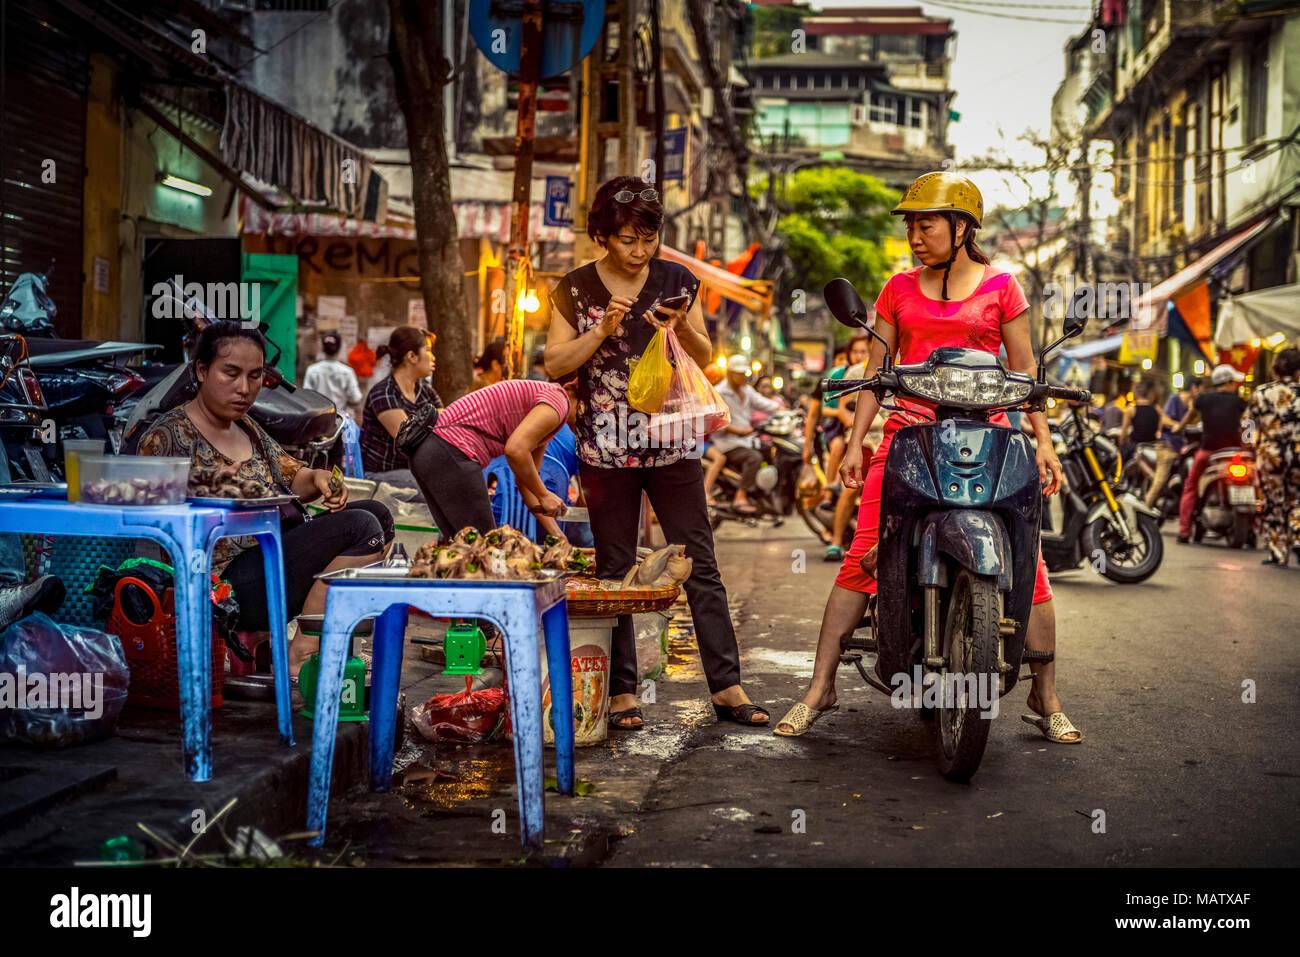 Asien, Vietnam, Hanoi, Verkehr, Transport, Transportmittel, Markt Stockbild